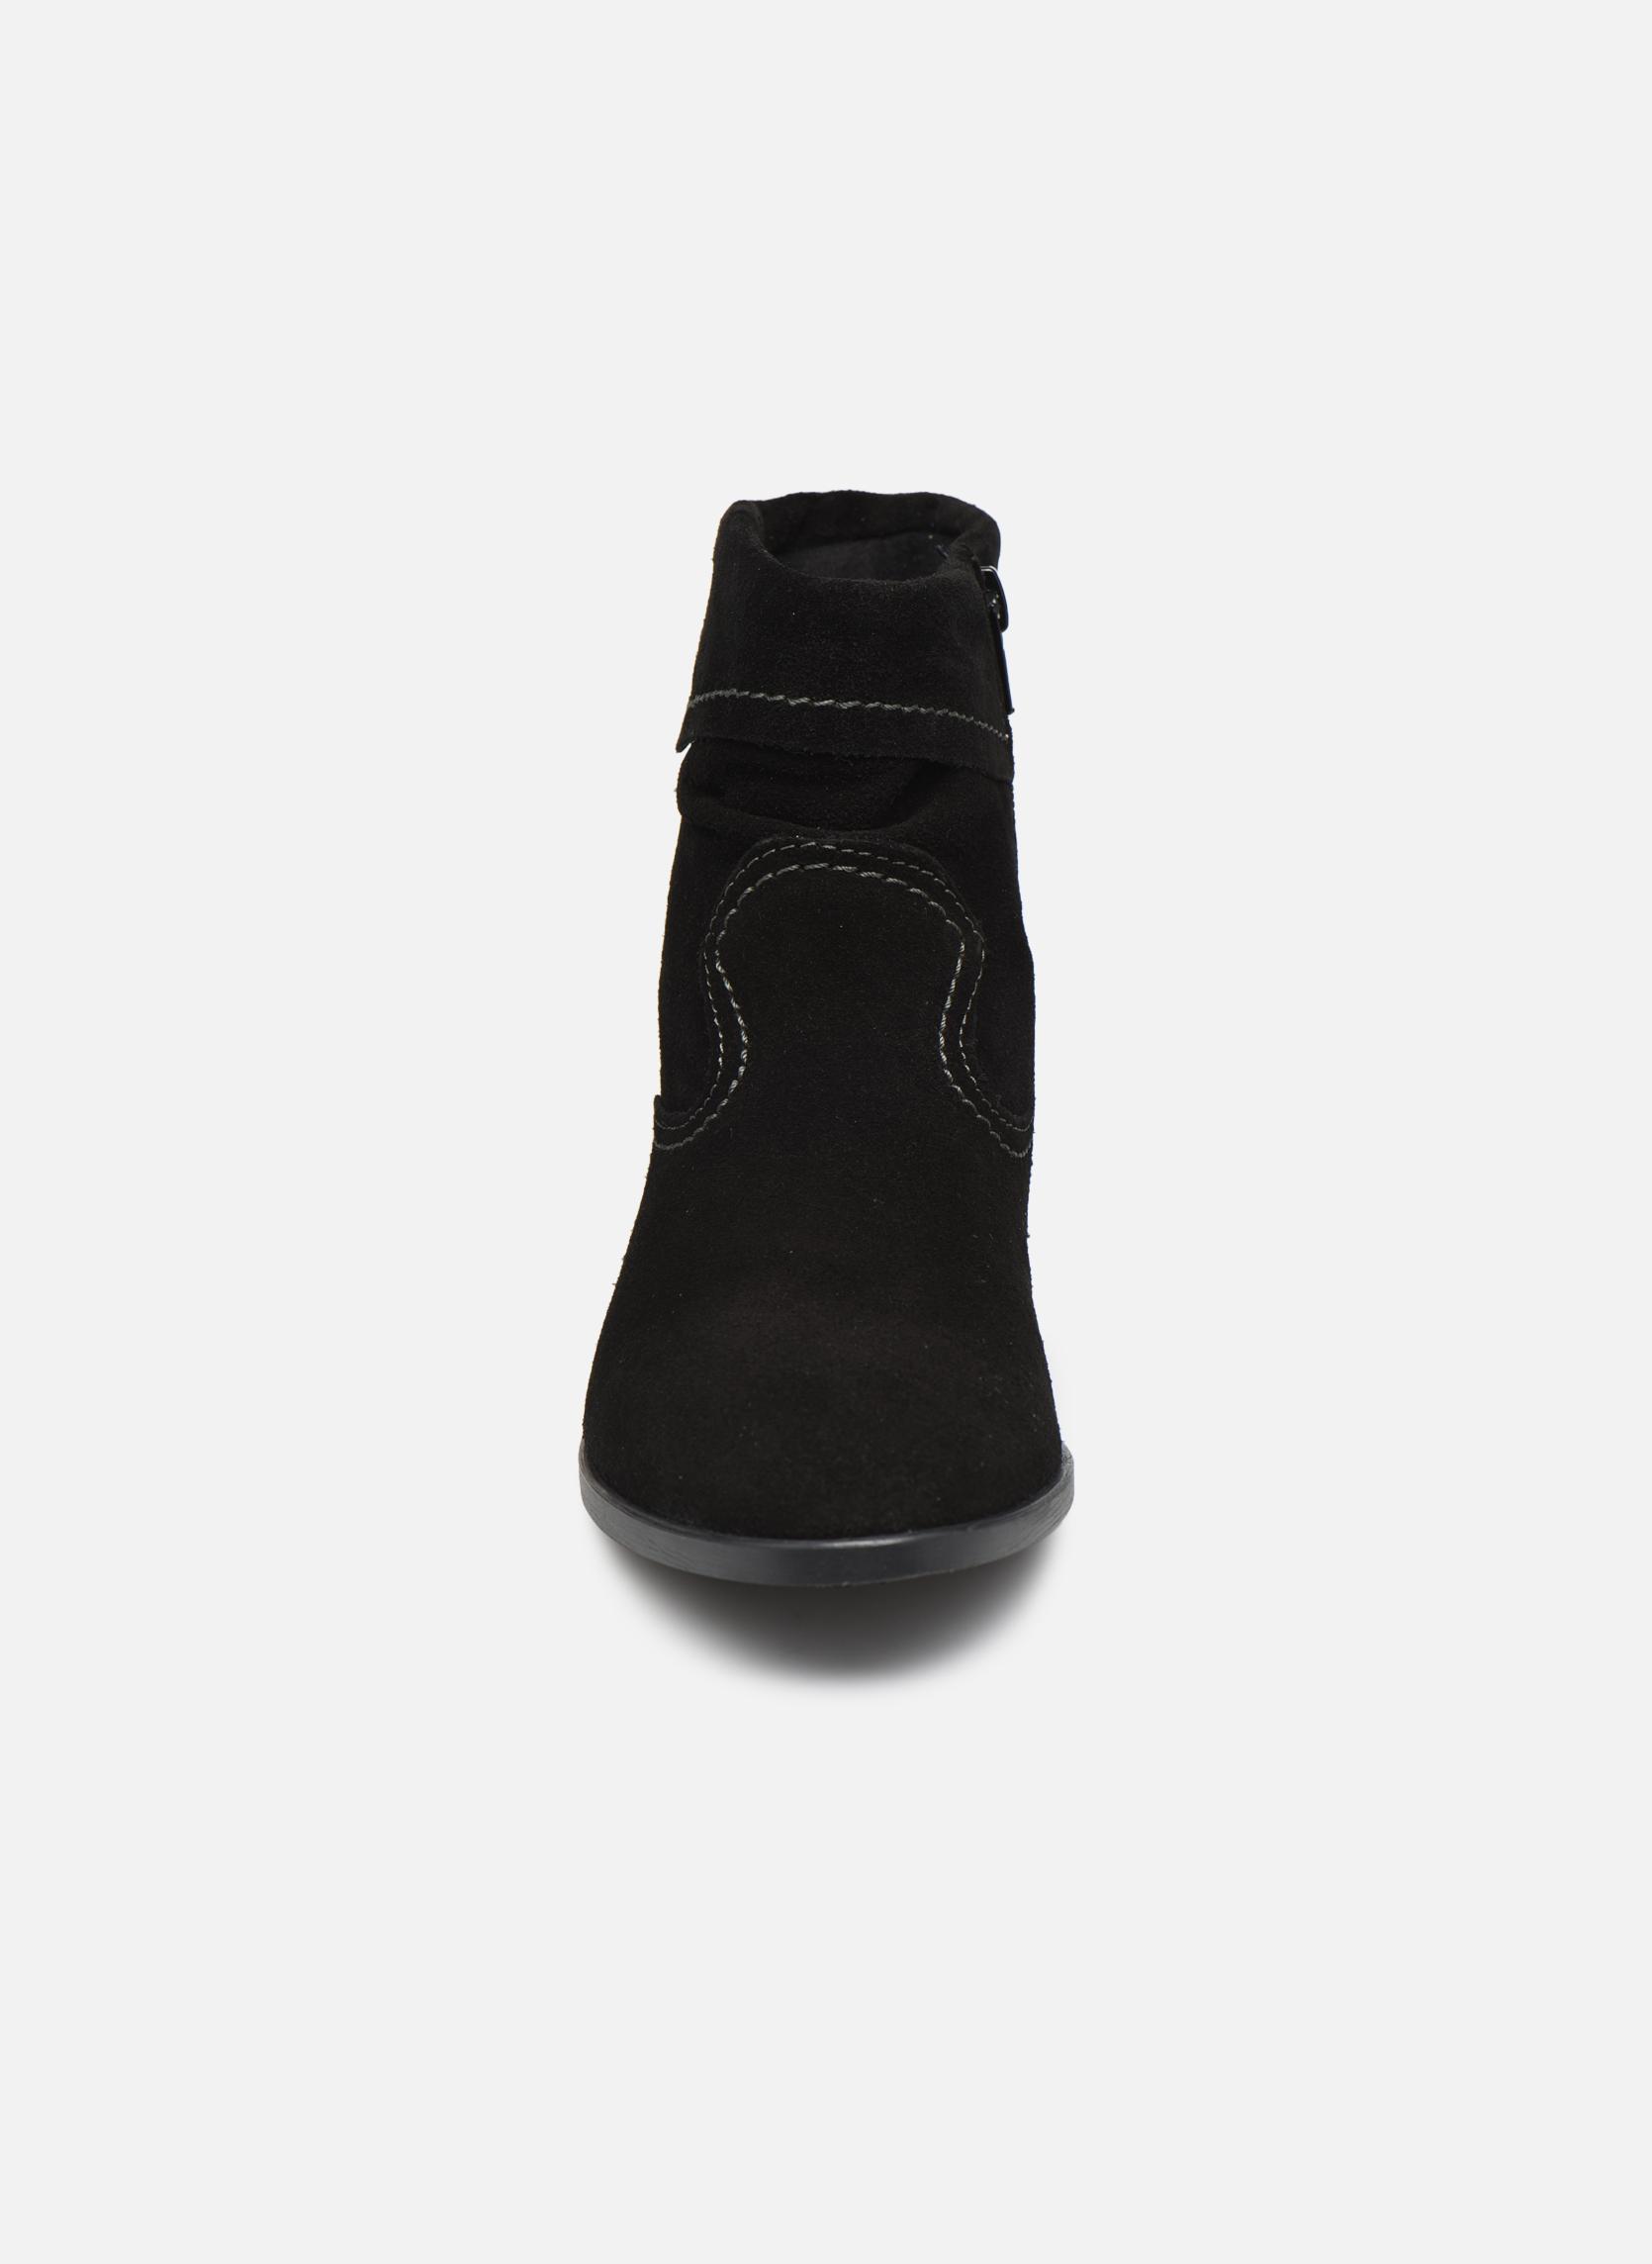 Bluiao 2 Black